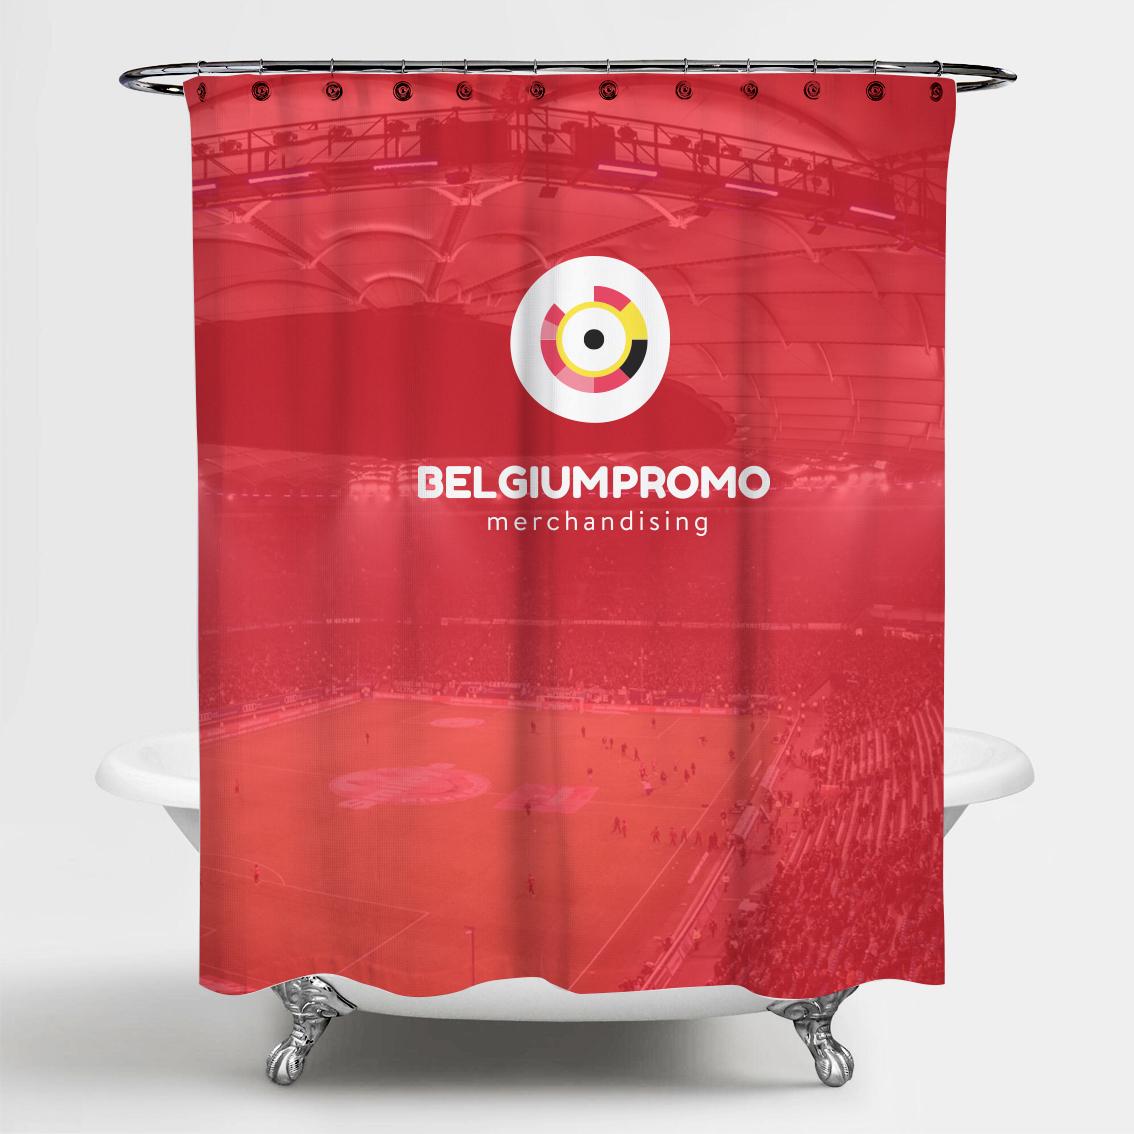 douchegordijn bedrukken belgie relatiegeschenk idee WK 2018 belgie